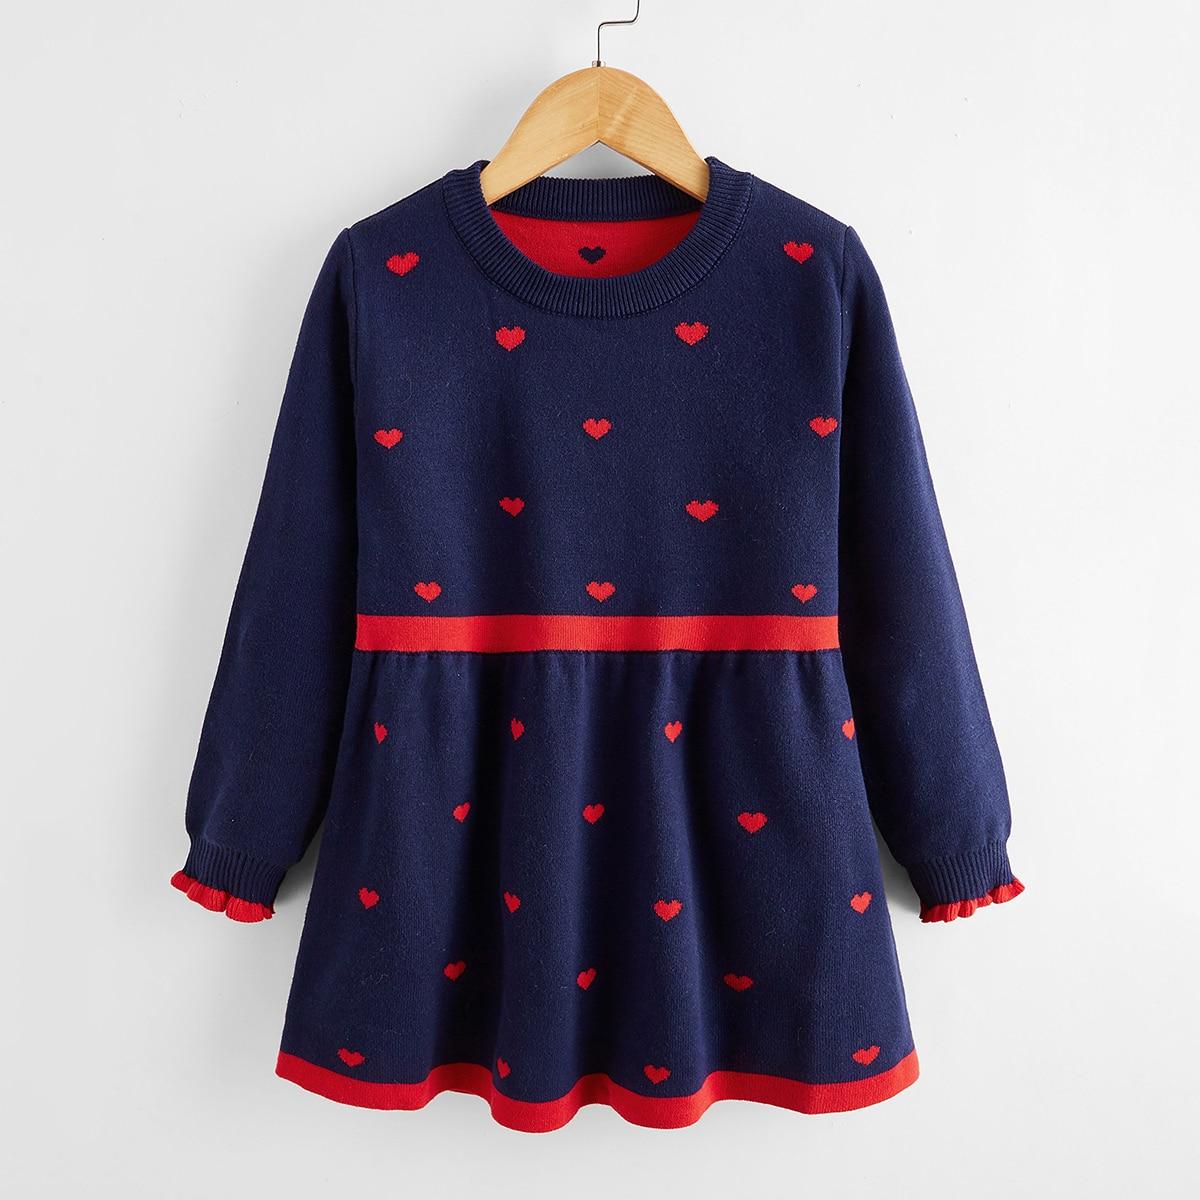 Оборка сердечко милый трикотажные платья для девочек